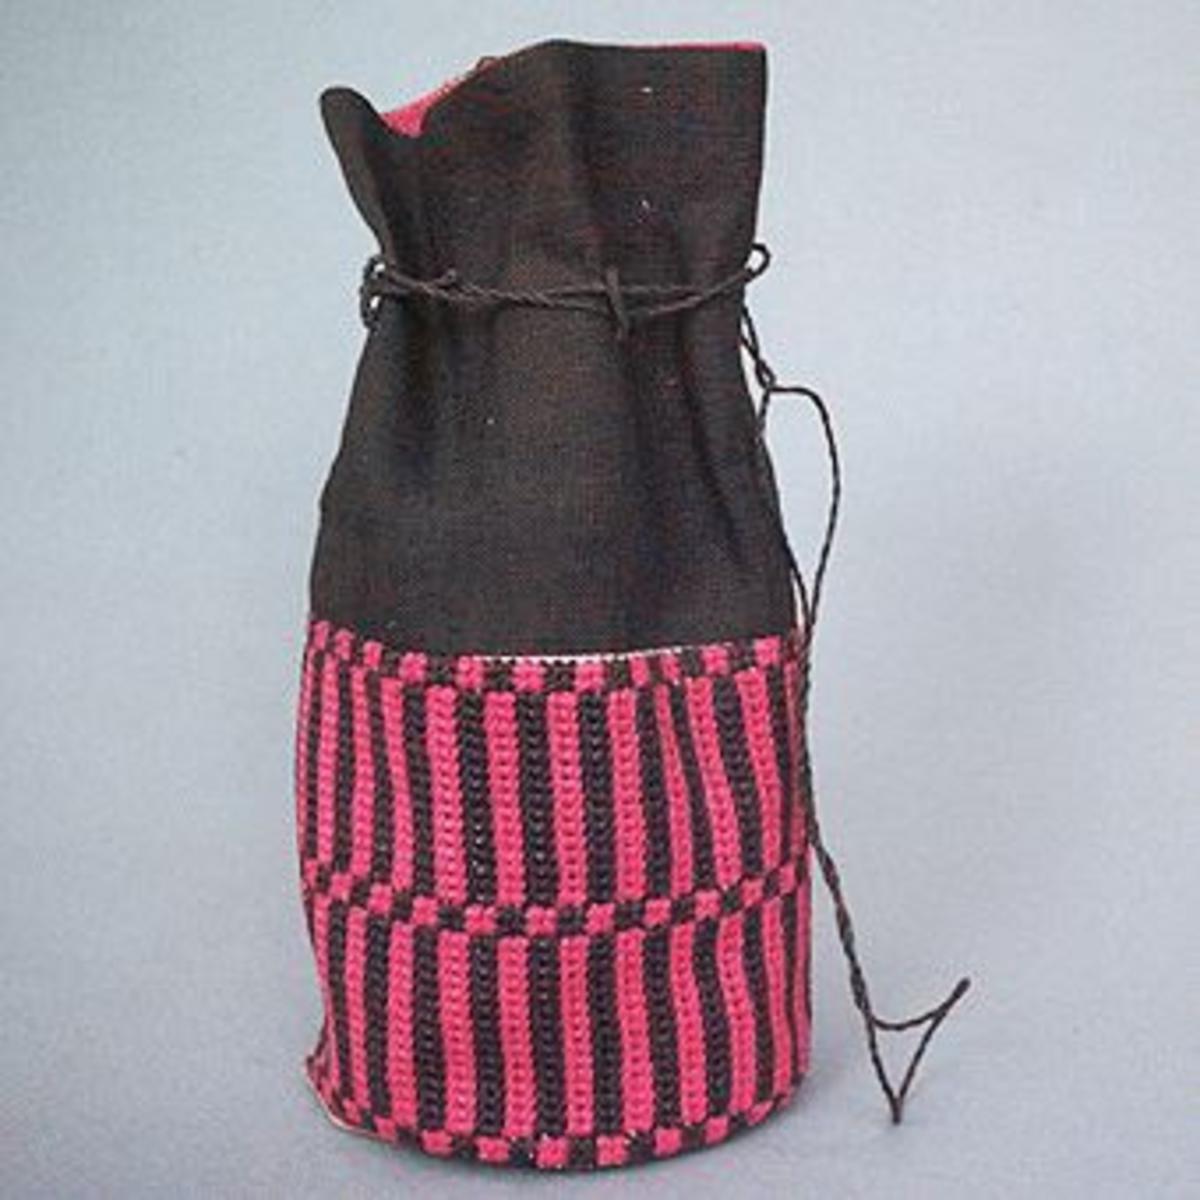 """Liten väska med nederdelen broderad med rosa och bruna ränder i tvistsöm och överdelen i brunt (obs, det är angivet grått linne på etiketten) linnetyg.På etikett fastsatt i botten på väskan anges materialåtgång och prisuppgift, texten är något svårläslig.""""Grått linne 15 x 35 cmSkollinne I vitt 10  x 35 cmRött linne till foder 23 x 35 cmGrått och rött linne till foder 15 x 15 cmHålsömsgarn 504 2 dHålsömsgarn 518 2 dPris färdig 30 kr, material 8,50 kr""""""""Modell får ej säljas""""Väskan har SHR:s pappersetikett från Kronobergs Läns Hemslöjdsförening Växjö, med påskrivet nummer: """"1411"""", fästad vid sig."""